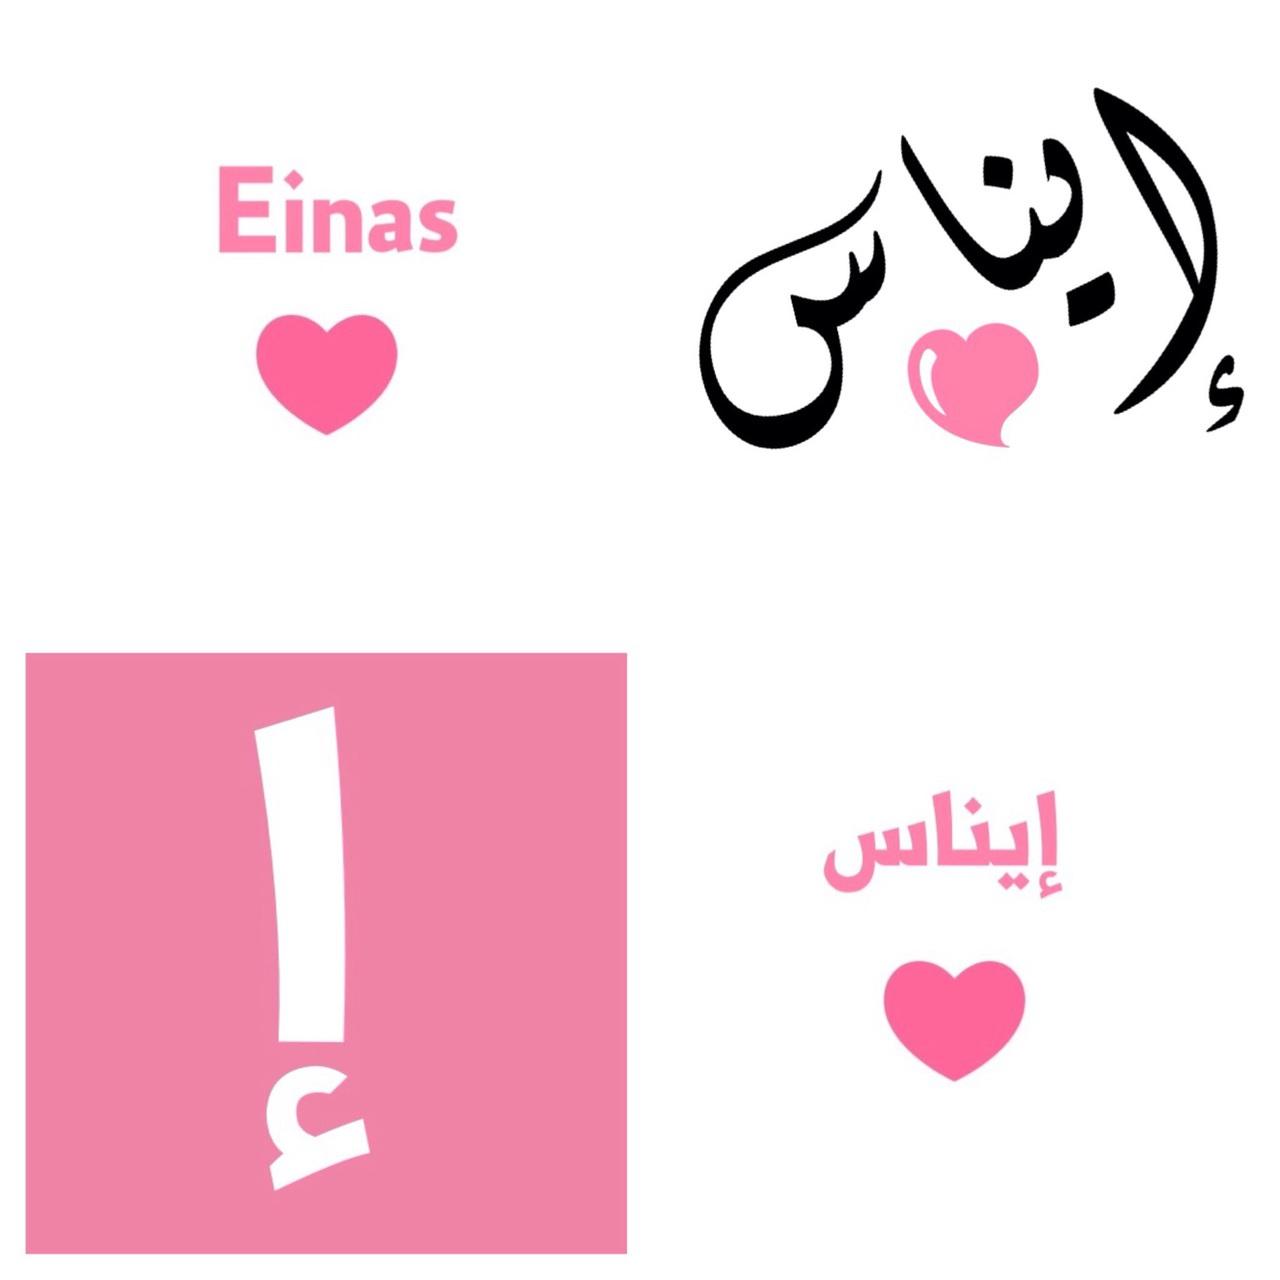 صور اسم إيناس معنى إسم إيناس صفات أسم إيناس